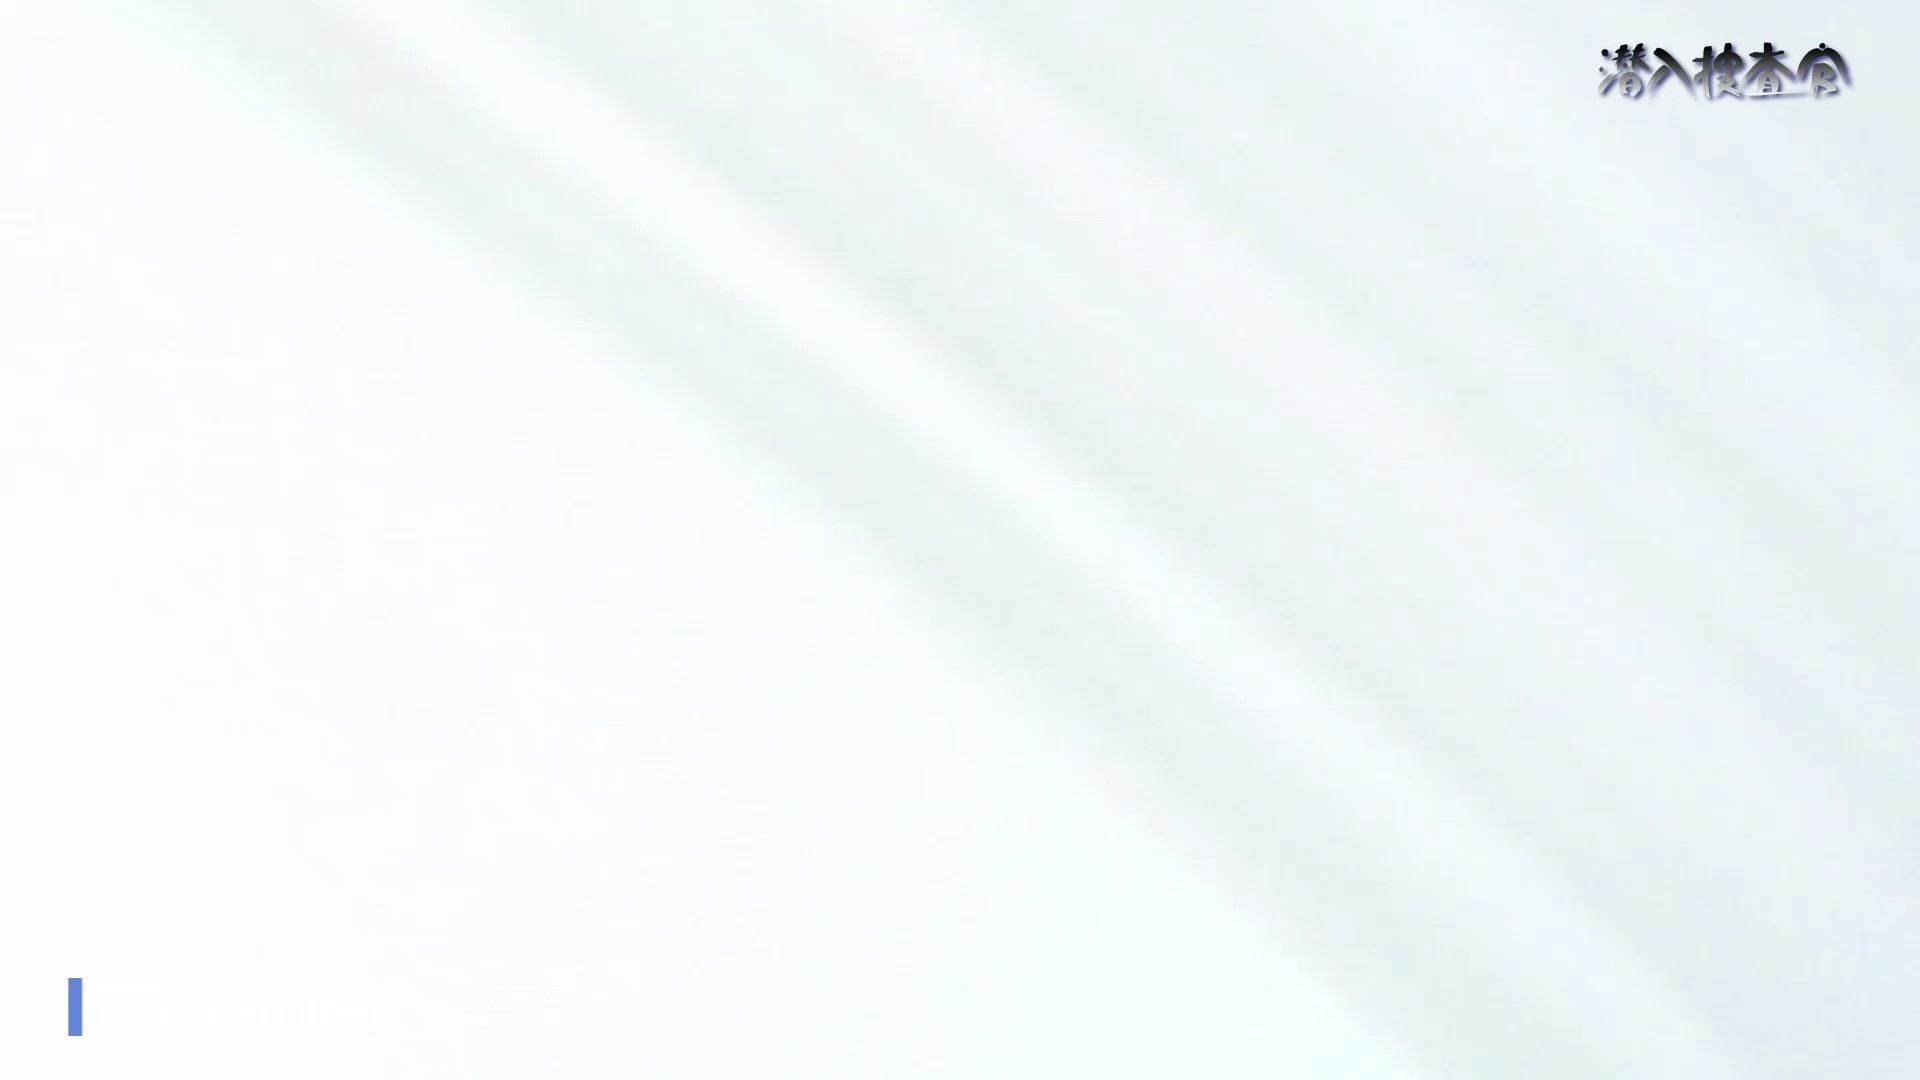 下からノゾム vol.041 携帯に夢中、後ろに居るカメラはやりたい放題! 美肌 エロ無料画像 85画像 6